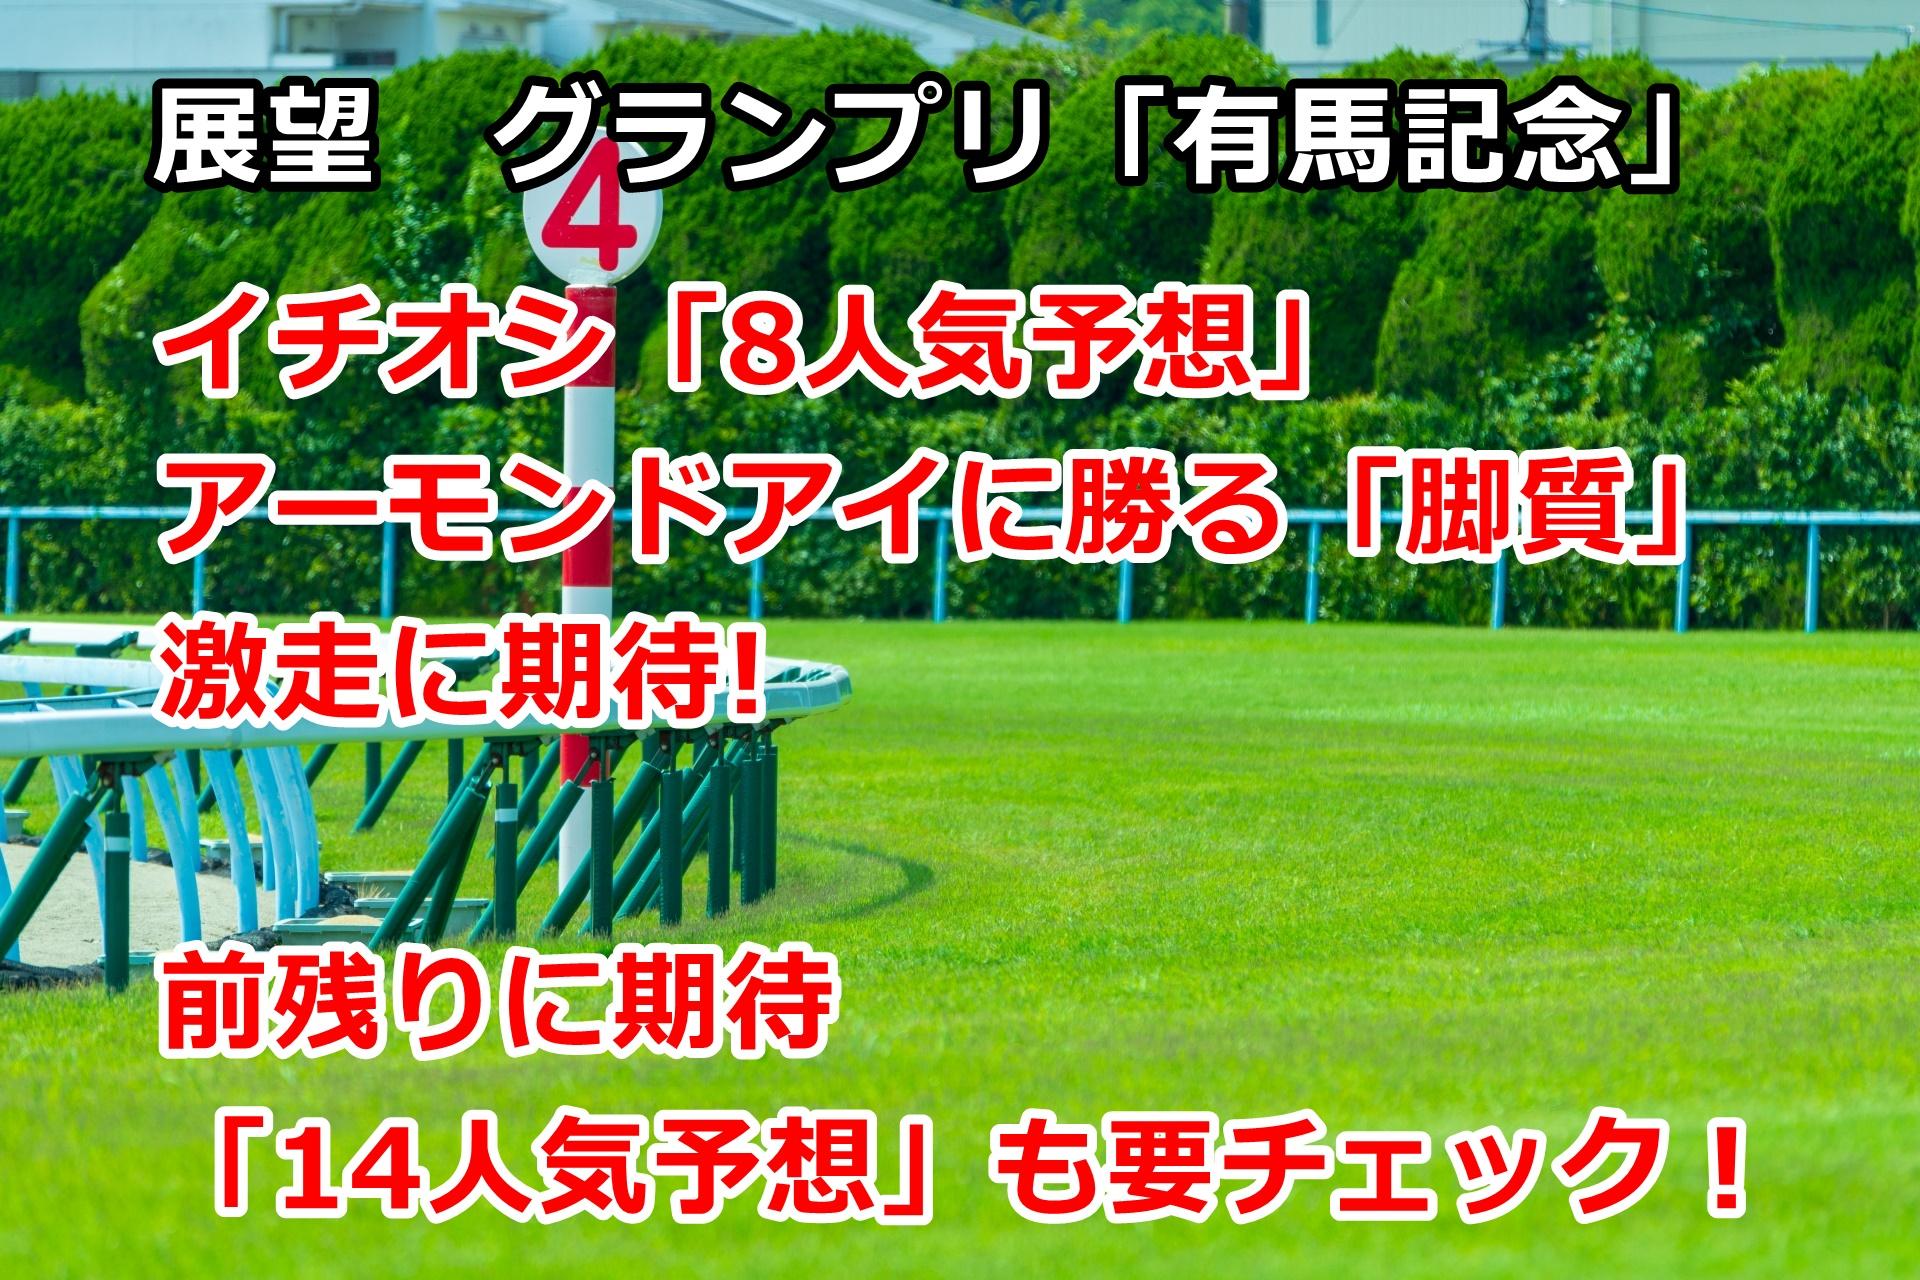 【競馬】イチオシ「アーモンドアイに勝る脚質! 8人気予想」 有馬記念の展望 第25回